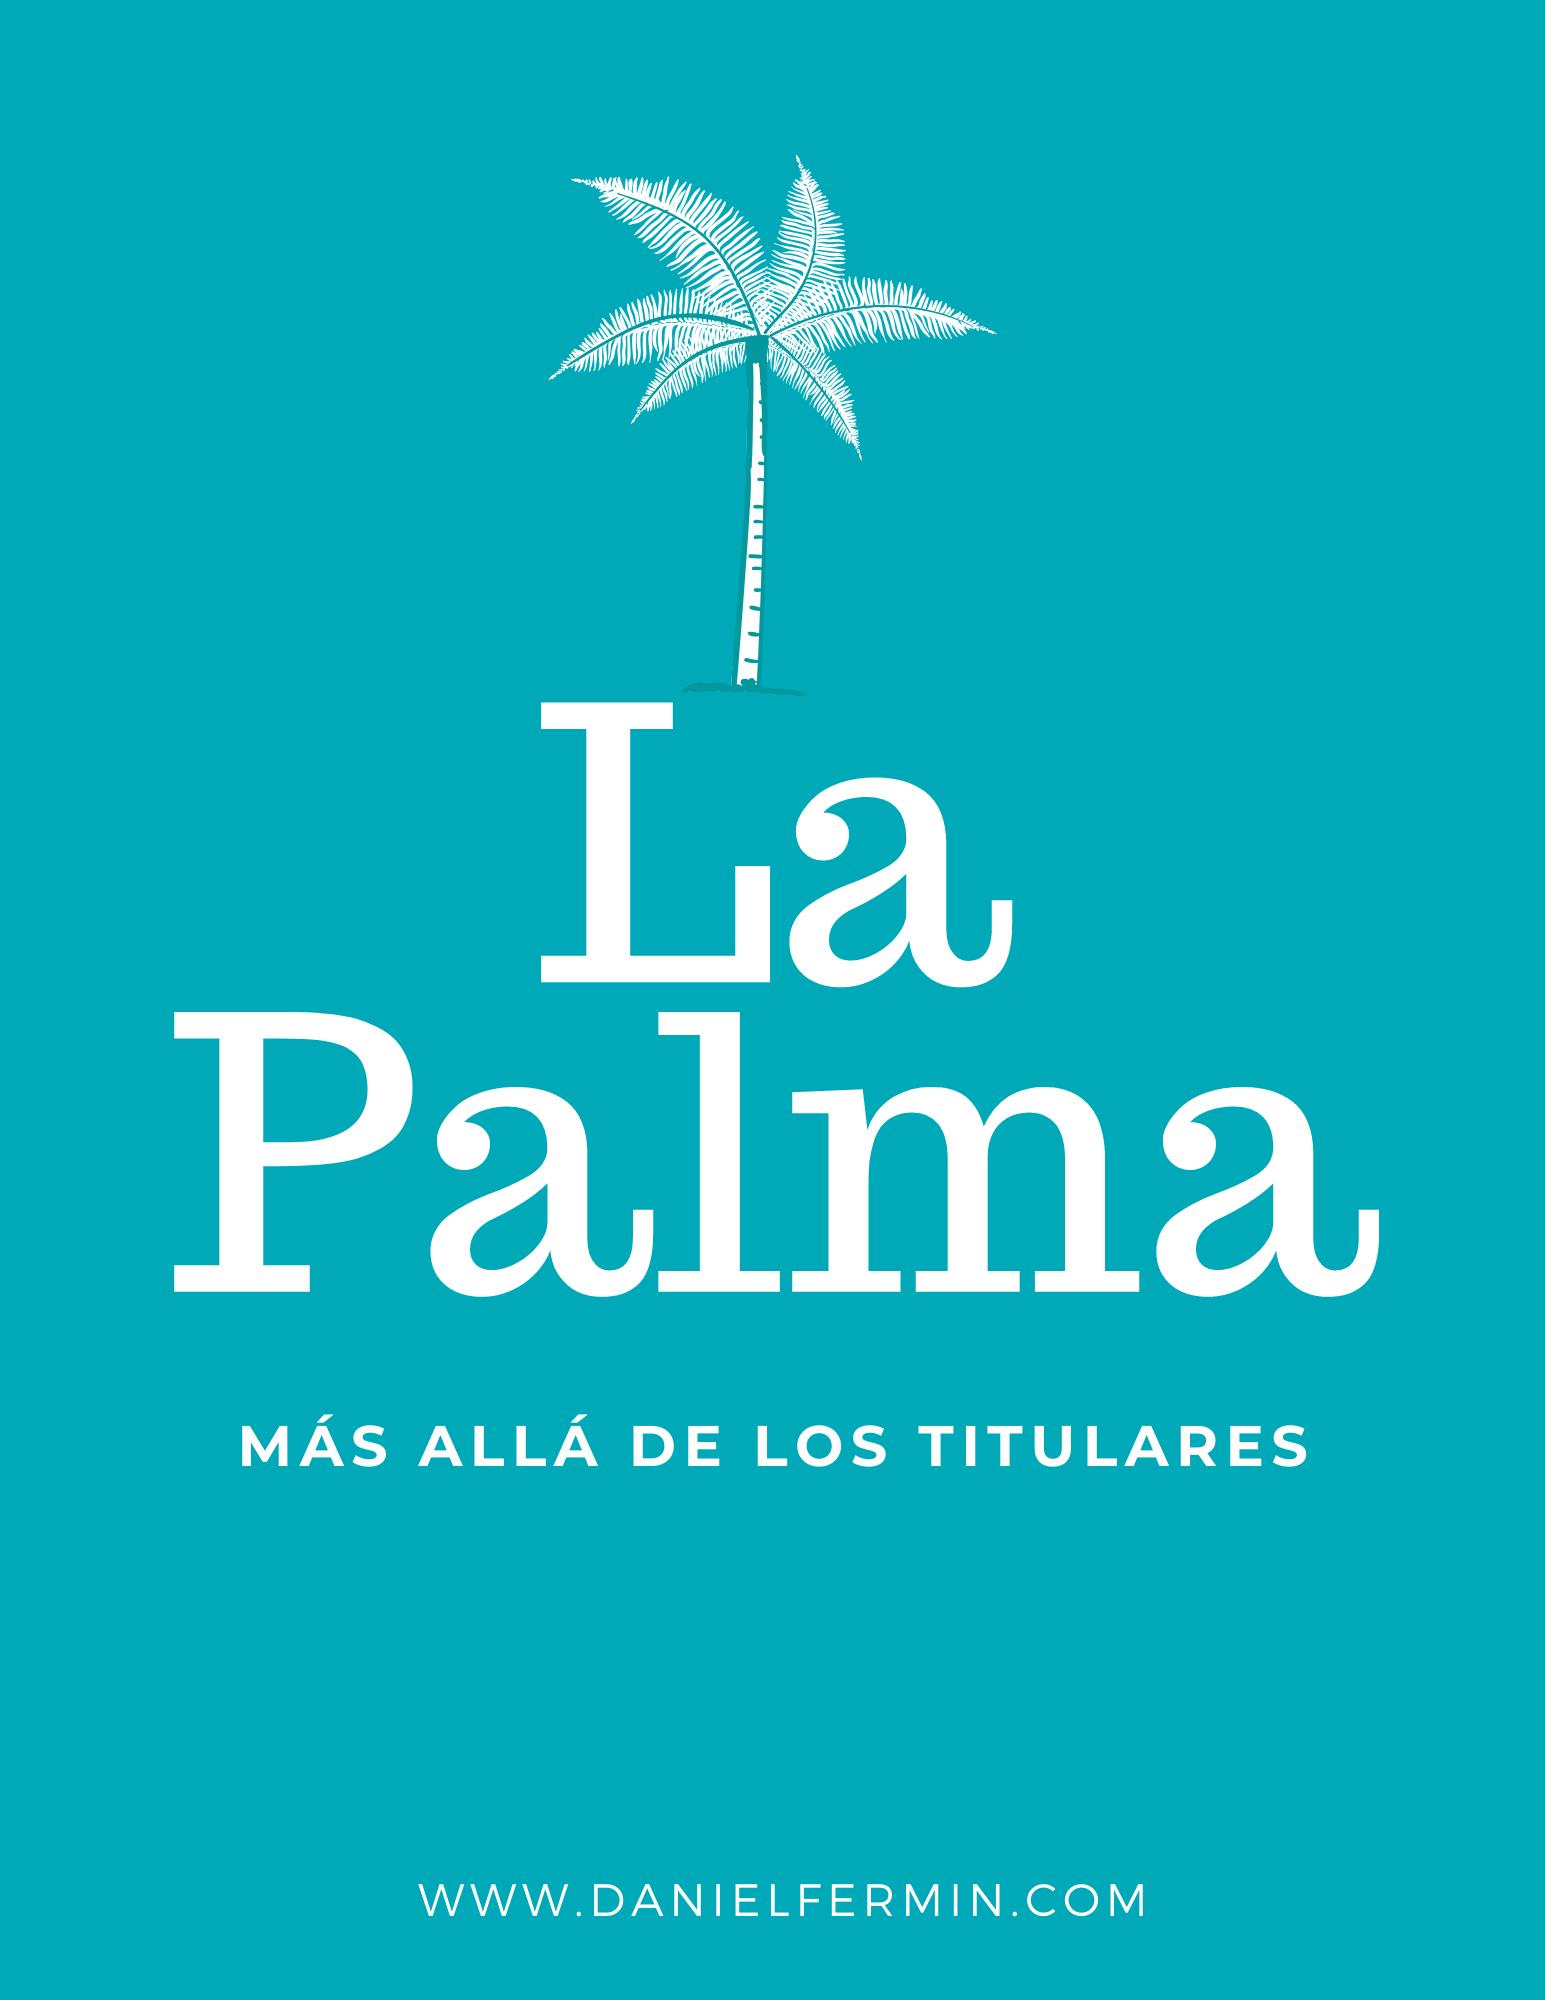 La Palma | Más allá de los titulares